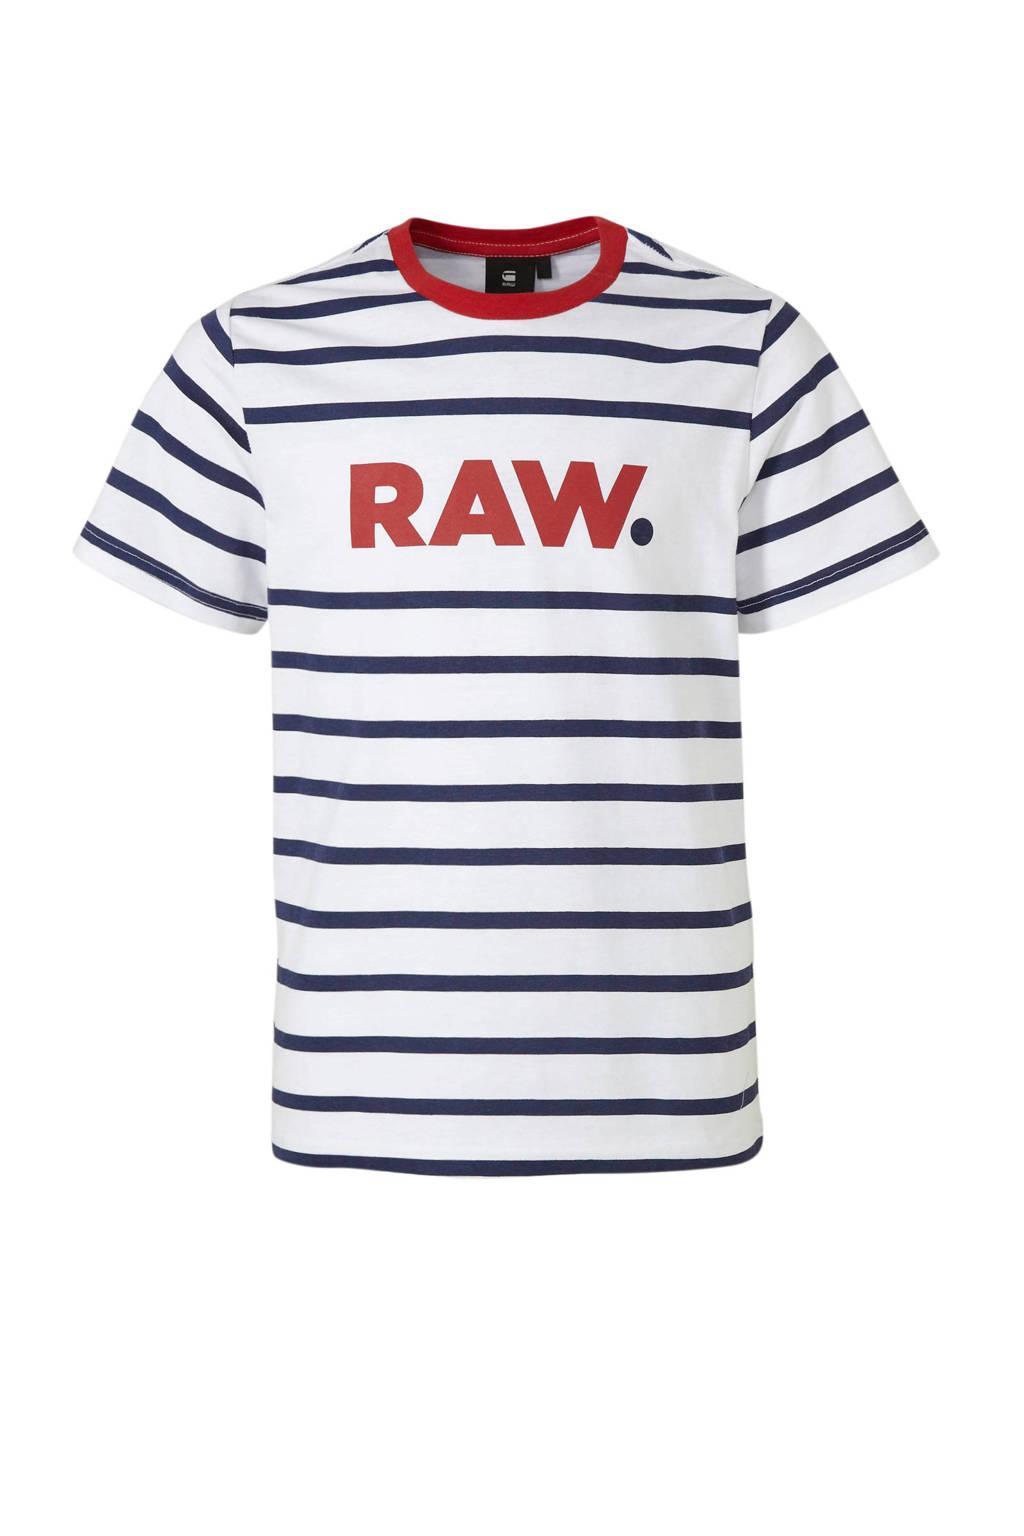 G-Star RAW gestreept T-shirt wit/blauw/rood, Wit/blauw/rood